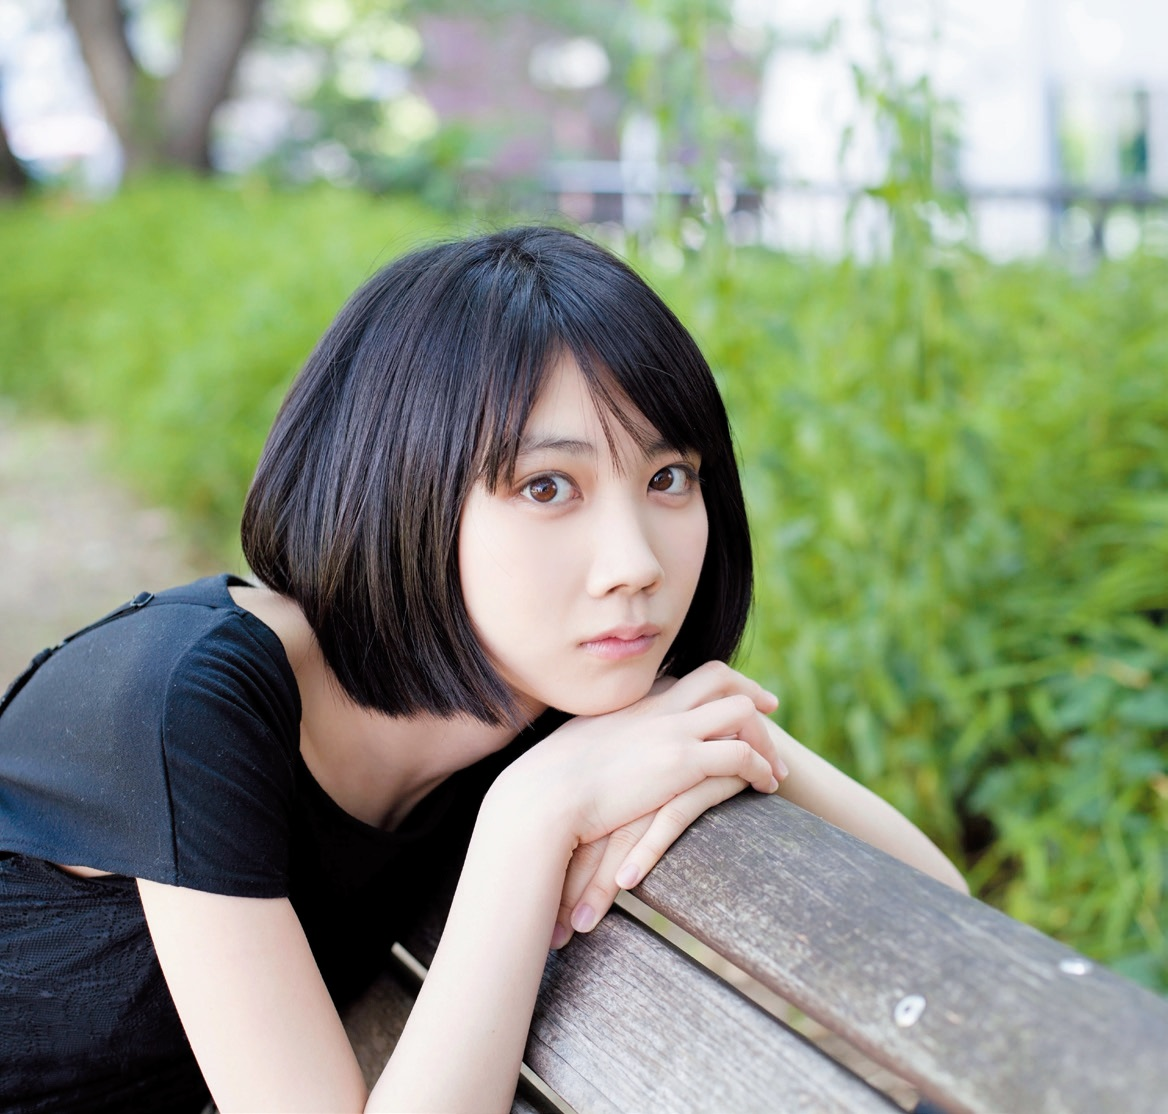 松本穂香の画像 p1_19